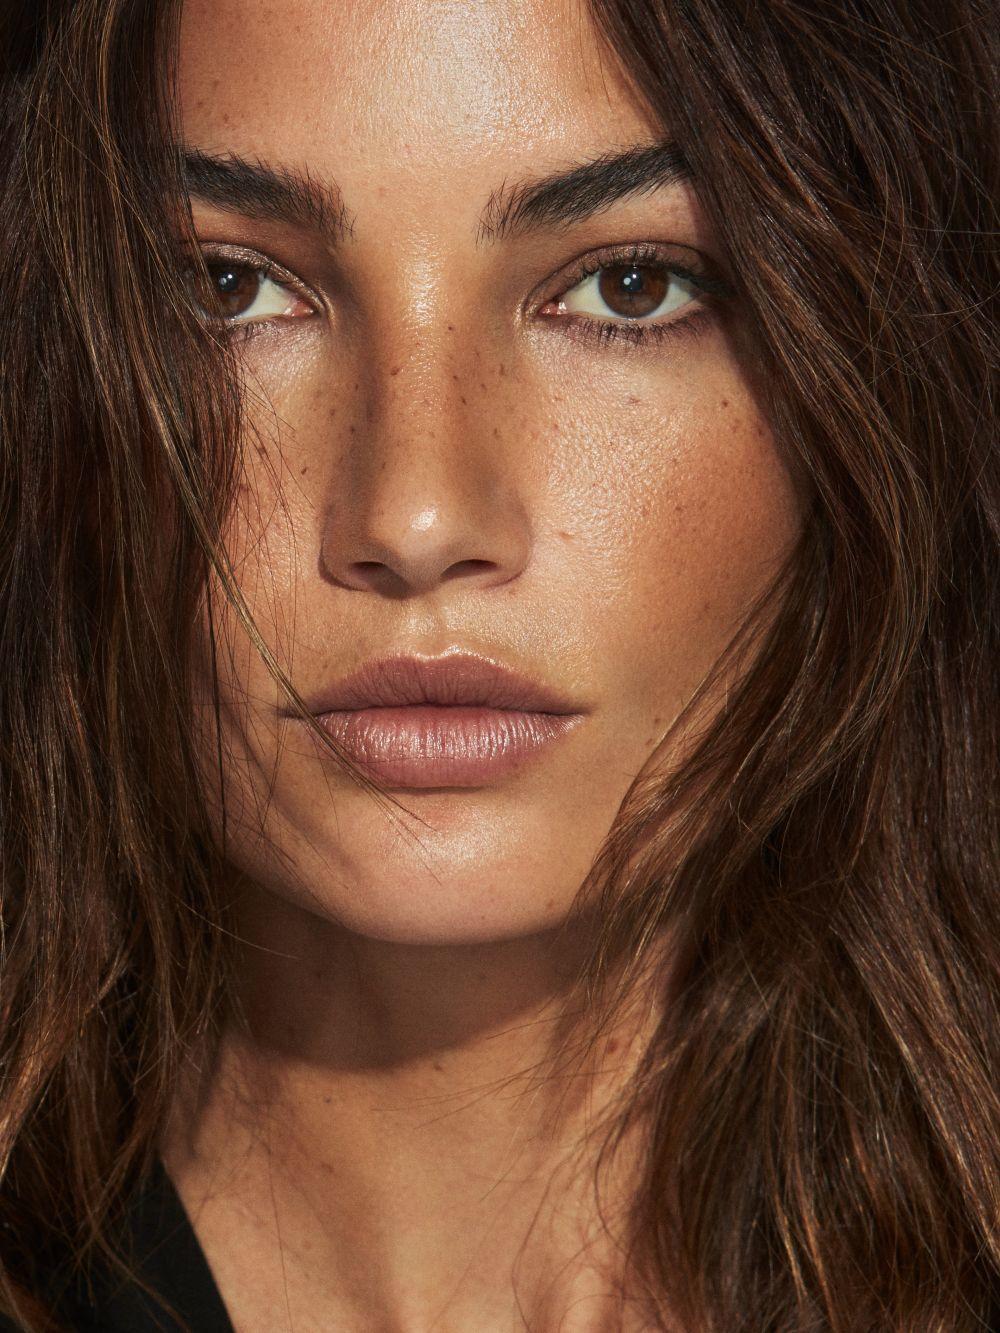 La modelo Lily Aldridge luciendo un rostro con una piel bronceada e hidratada impecable.